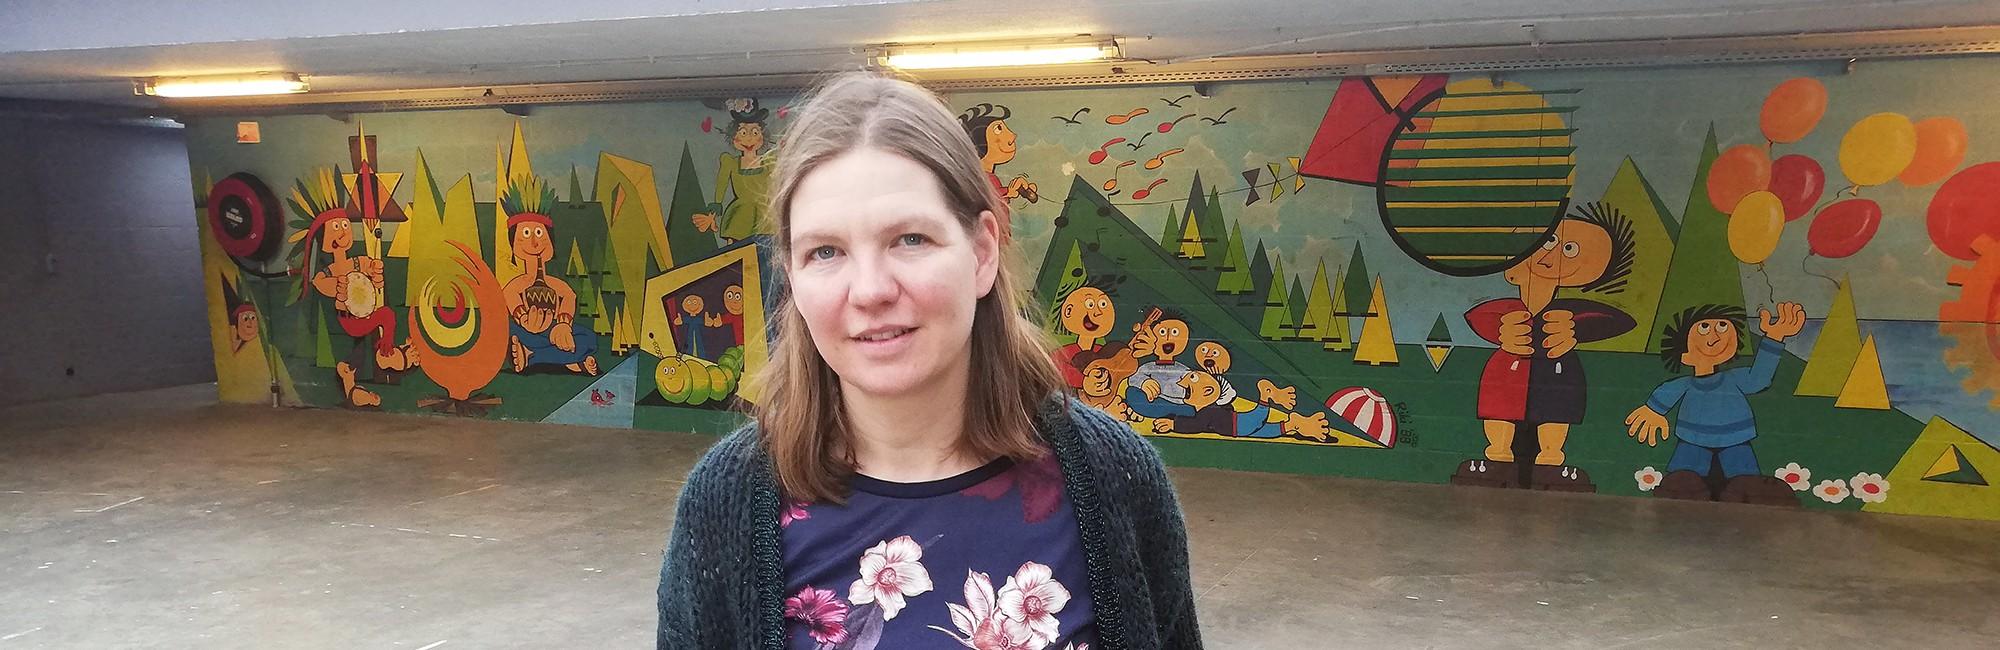 Foto van Evi van de vrijetijdsdienst van Kuurne zet in op diversiteit